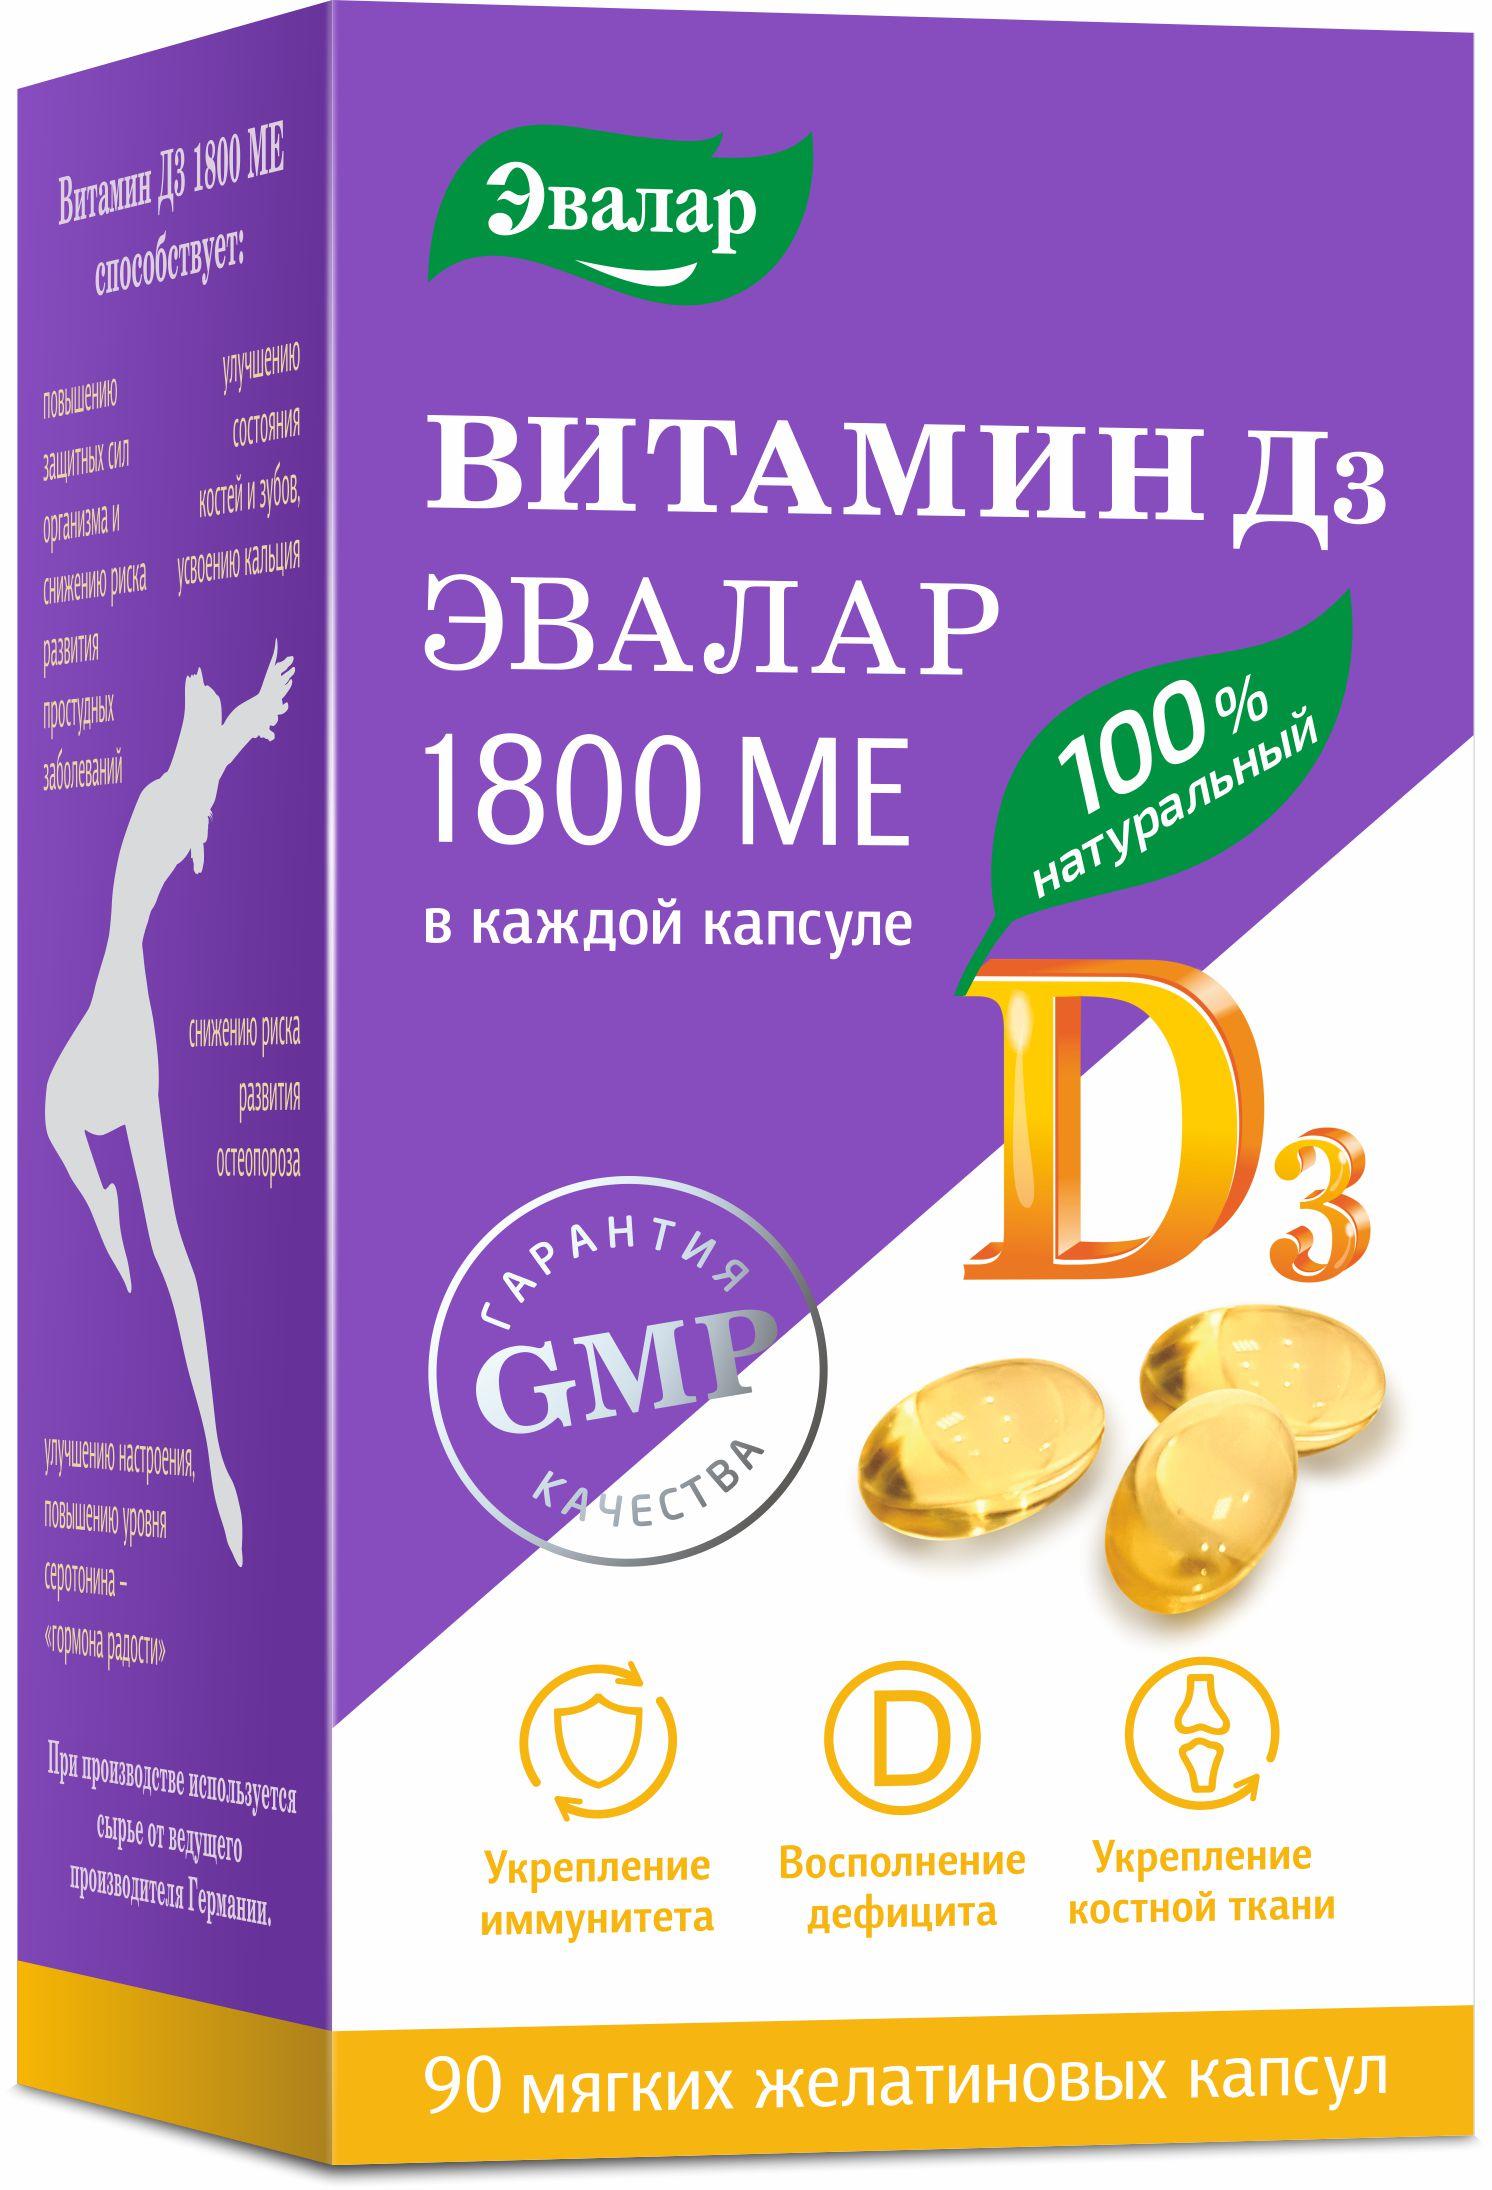 Купить Витамин Д3, 1800 МЕ, 90 капсул, Эвалар, Витамин Д3 Эвалар 1800 МЕ капсулы 90 шт.